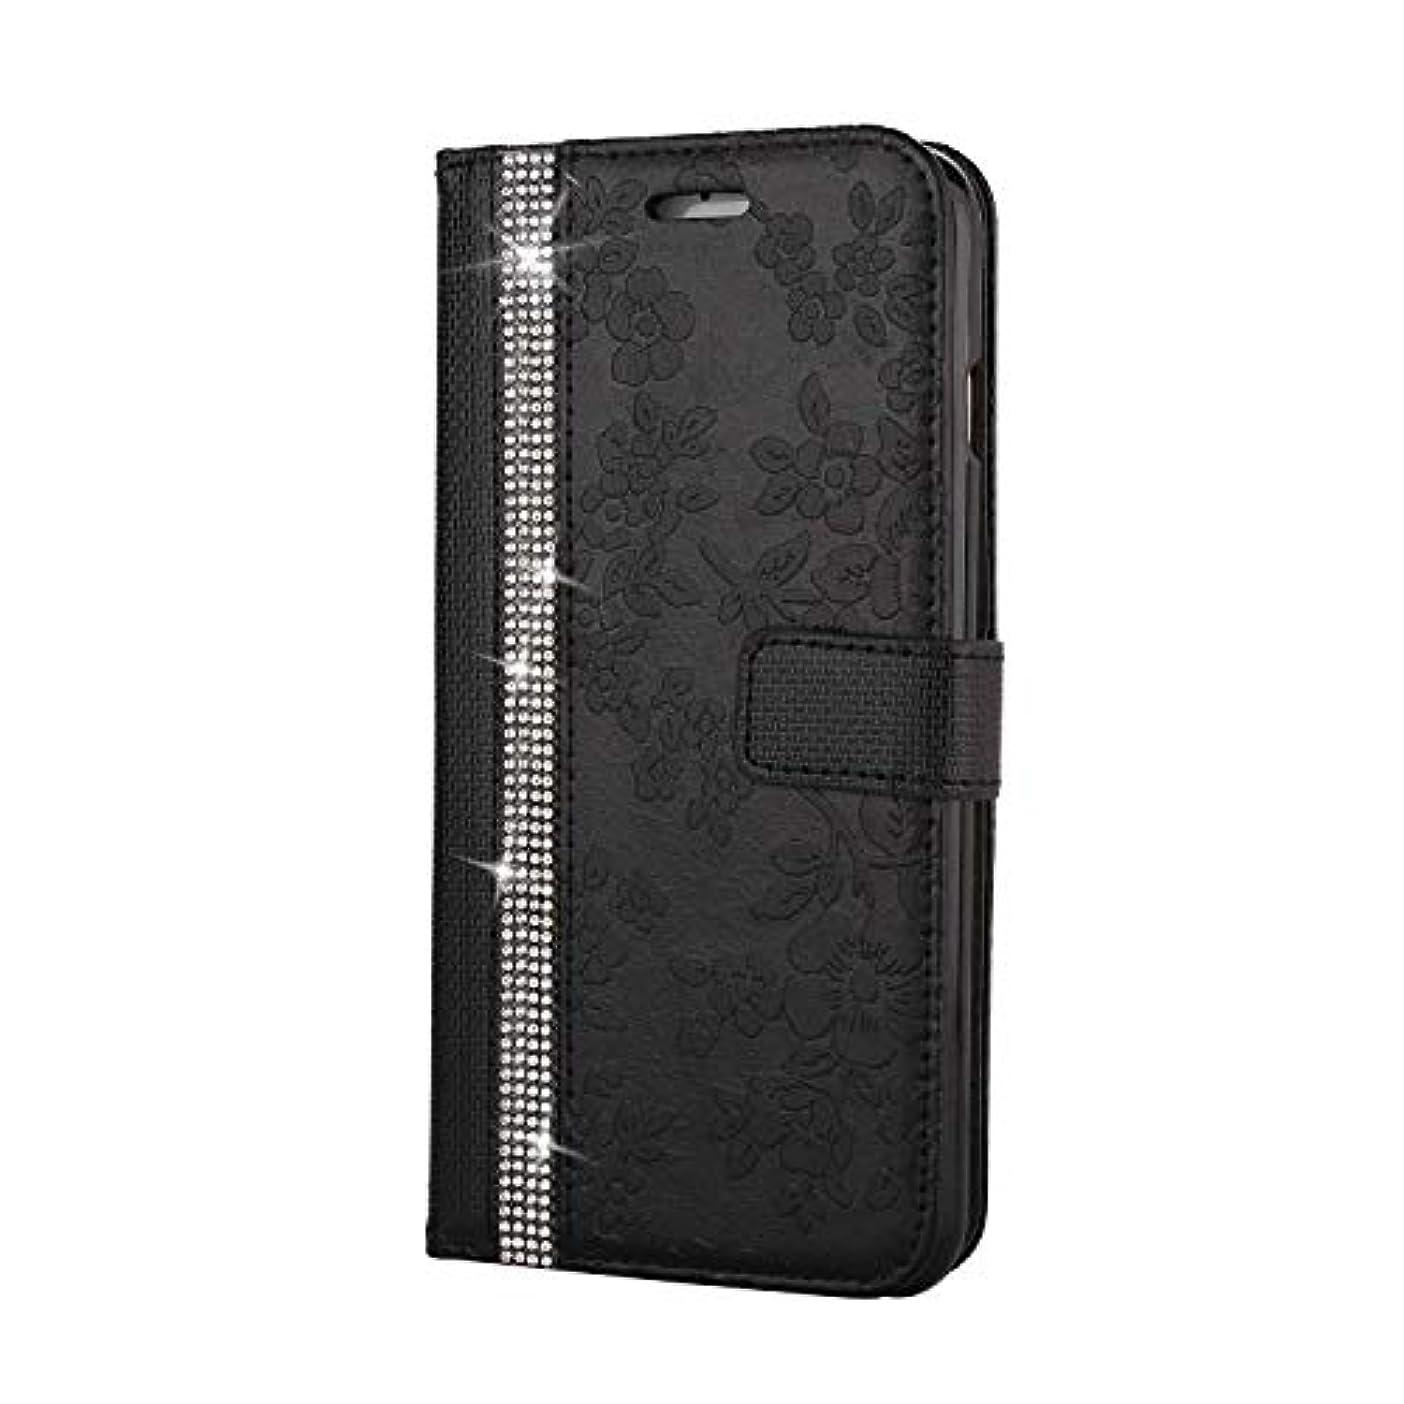 ケープ同盟冒険CUNUS iPhone 6 Plus/iPhone 6S Plus 用 ウォレット ケース, プレミアム PUレザー 全面保護 ケース 耐衝撃 スタンド機能 耐汚れ カード収納 カバー, ブラック